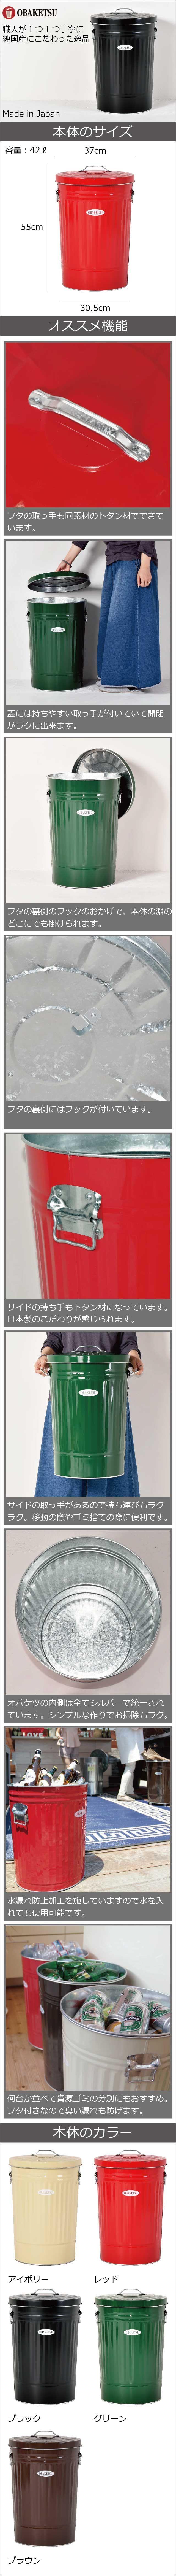 ゴミ箱 ダストボックス ごみ箱 ふた付き 屋外 おしゃれ 分別。日本製 OBAKETSU オバケツ 42L カラー ゴミ箱 ダストボックス ごみ箱 おしゃれ ふた付き 屋外 45リットル可 45L可 分別 スリム キッチン リビング 北欧 インテリア雑貨 デザイン雑貨 見えない 生ごみ 生ゴミ 縦型 薄型 小さい スタッキング 男前家具 男前インテリア渡辺金属